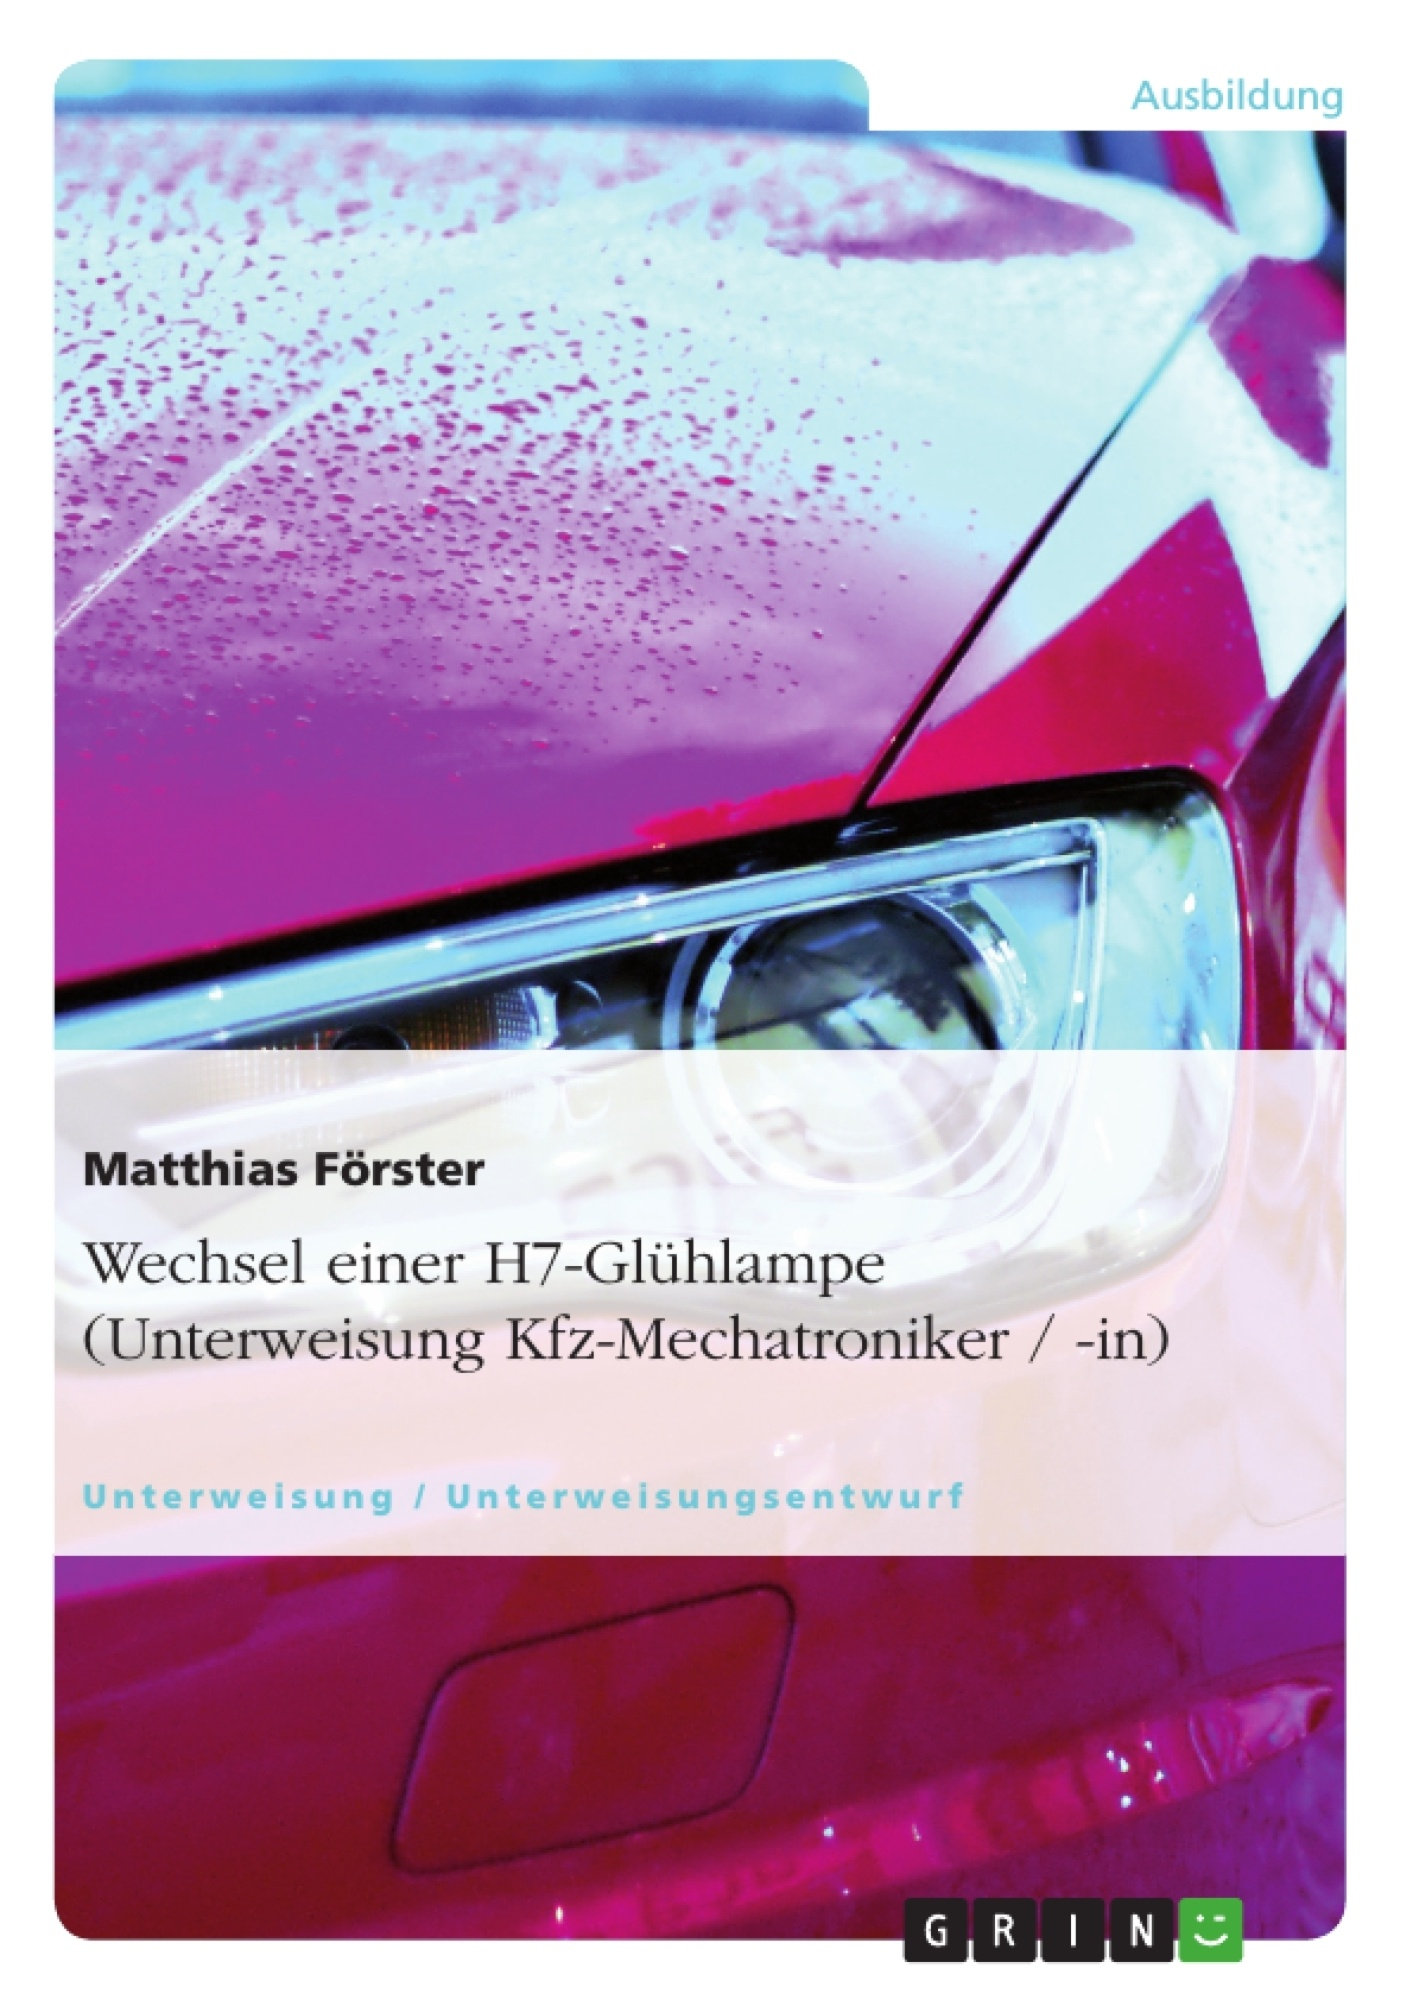 Titel: Wechsel einer H7-Glühlampe (Unterweisung Kfz-Mechatroniker / -in)